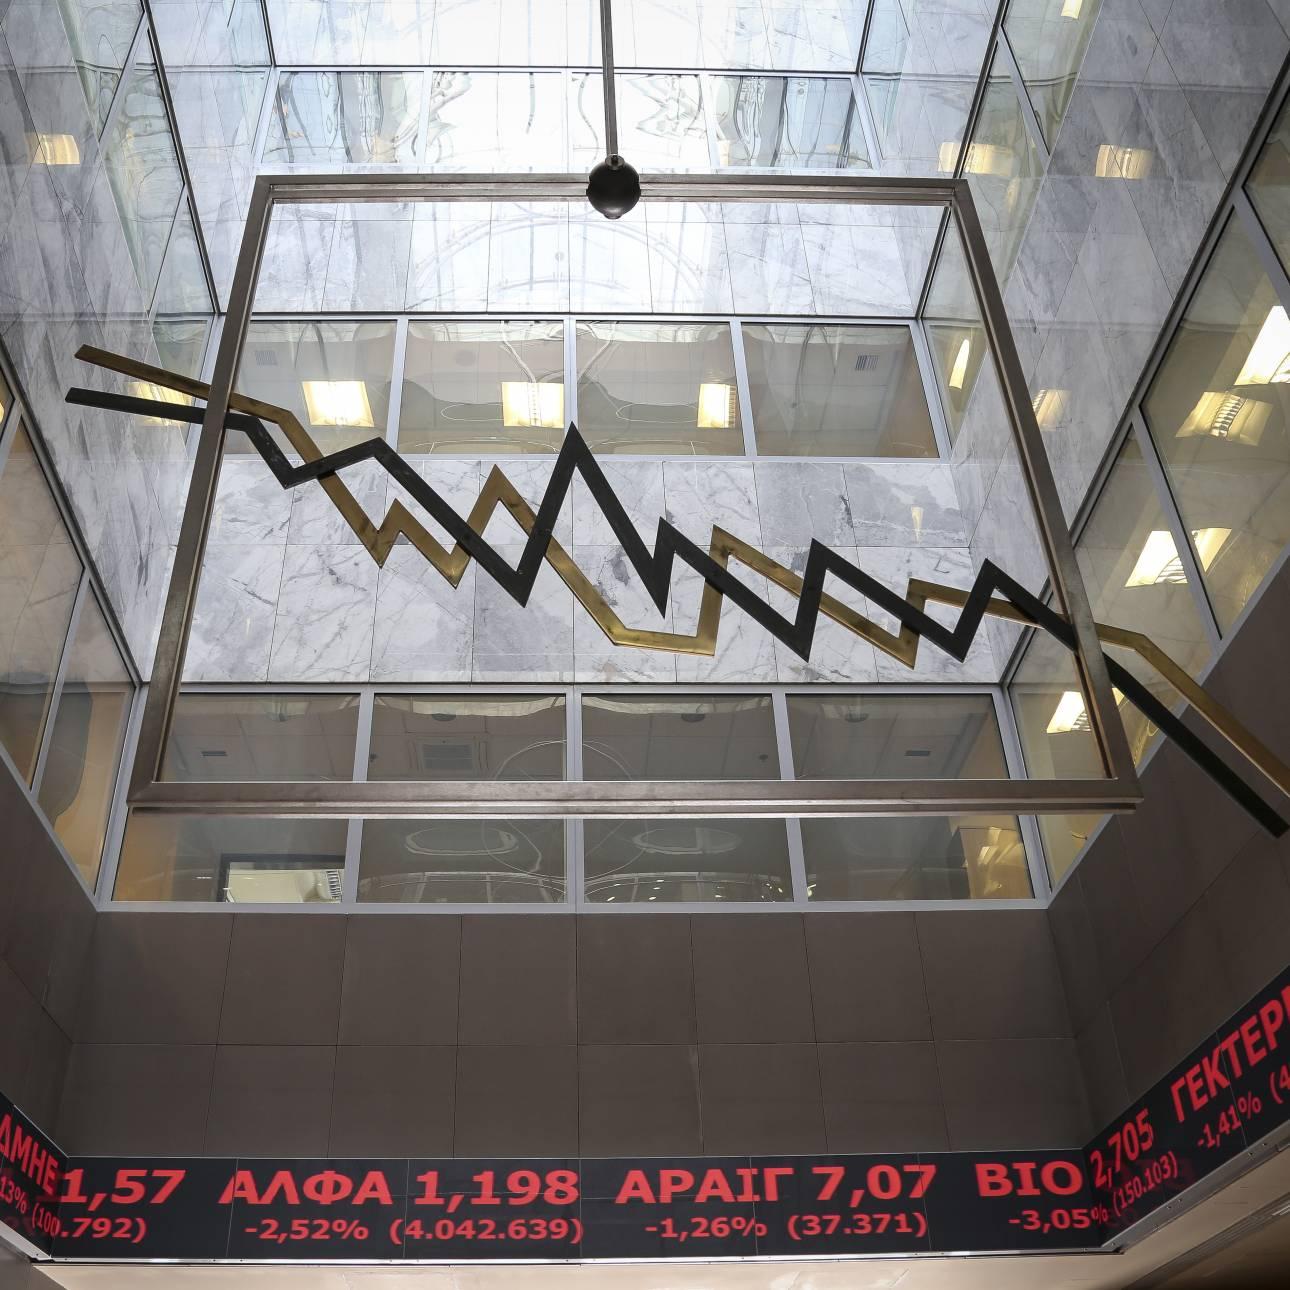 Χρηματιστήριο: Πτωτικά κινήθηκαν σήμερα οι τιμές των μετοχών